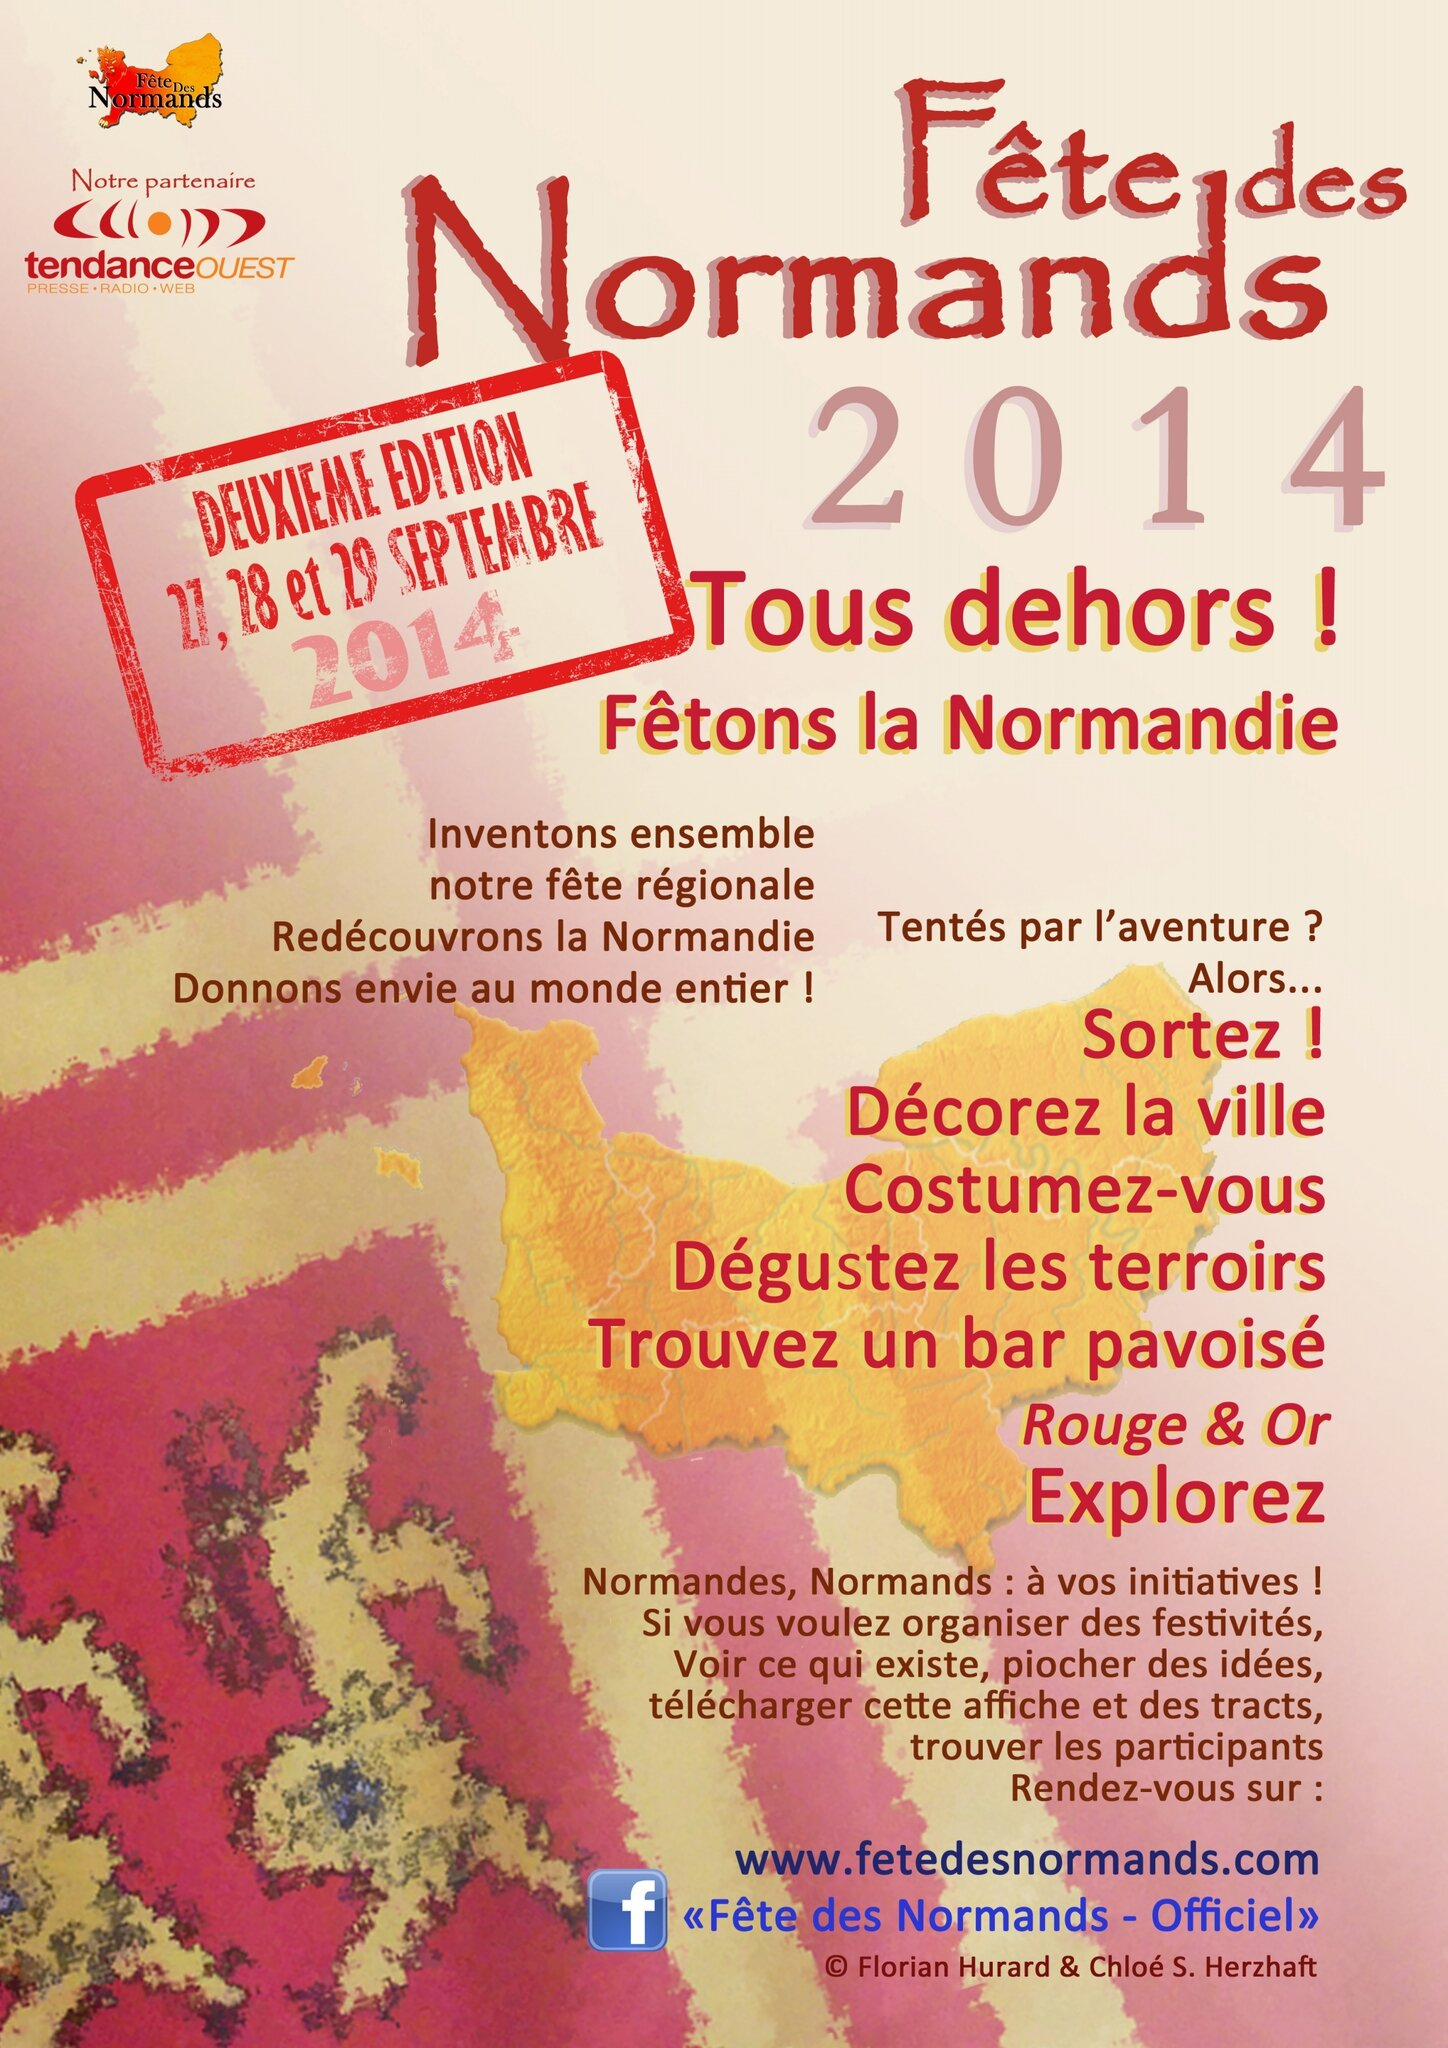 affiche-fete-des-normands-2014-floutc3a9-de-lc3a9opards-francais2